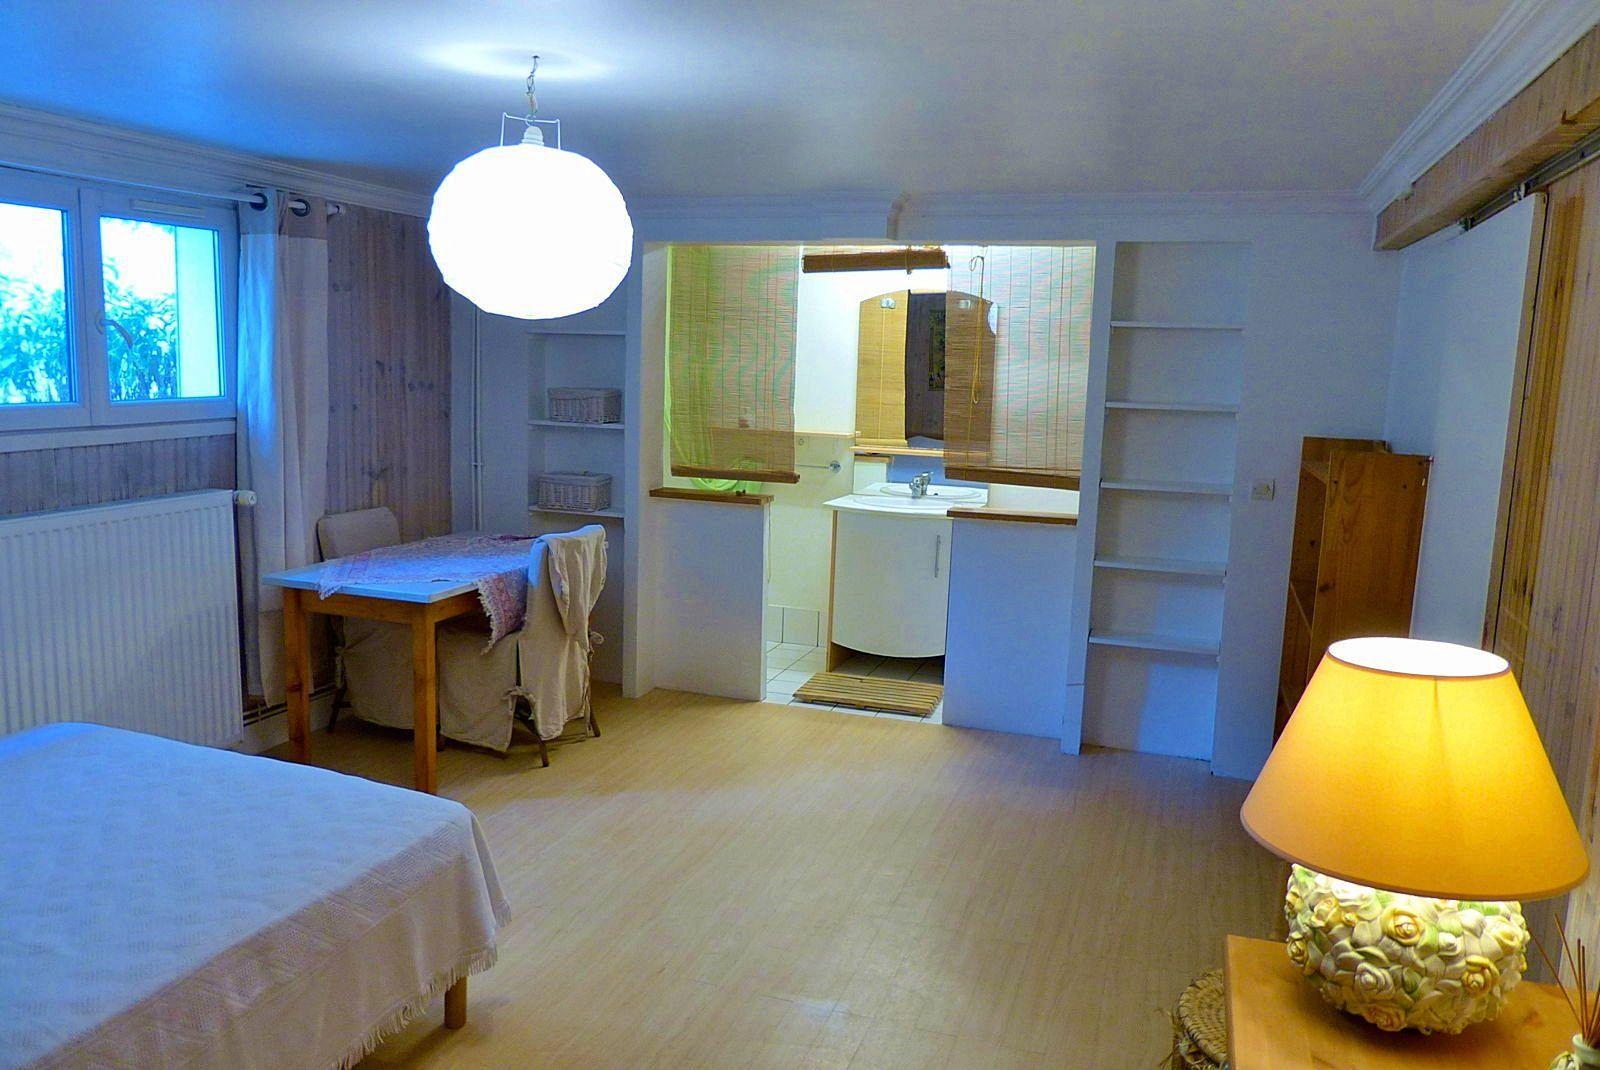 Loue studio meublé 25m² kitchen rueil malmaison (92)